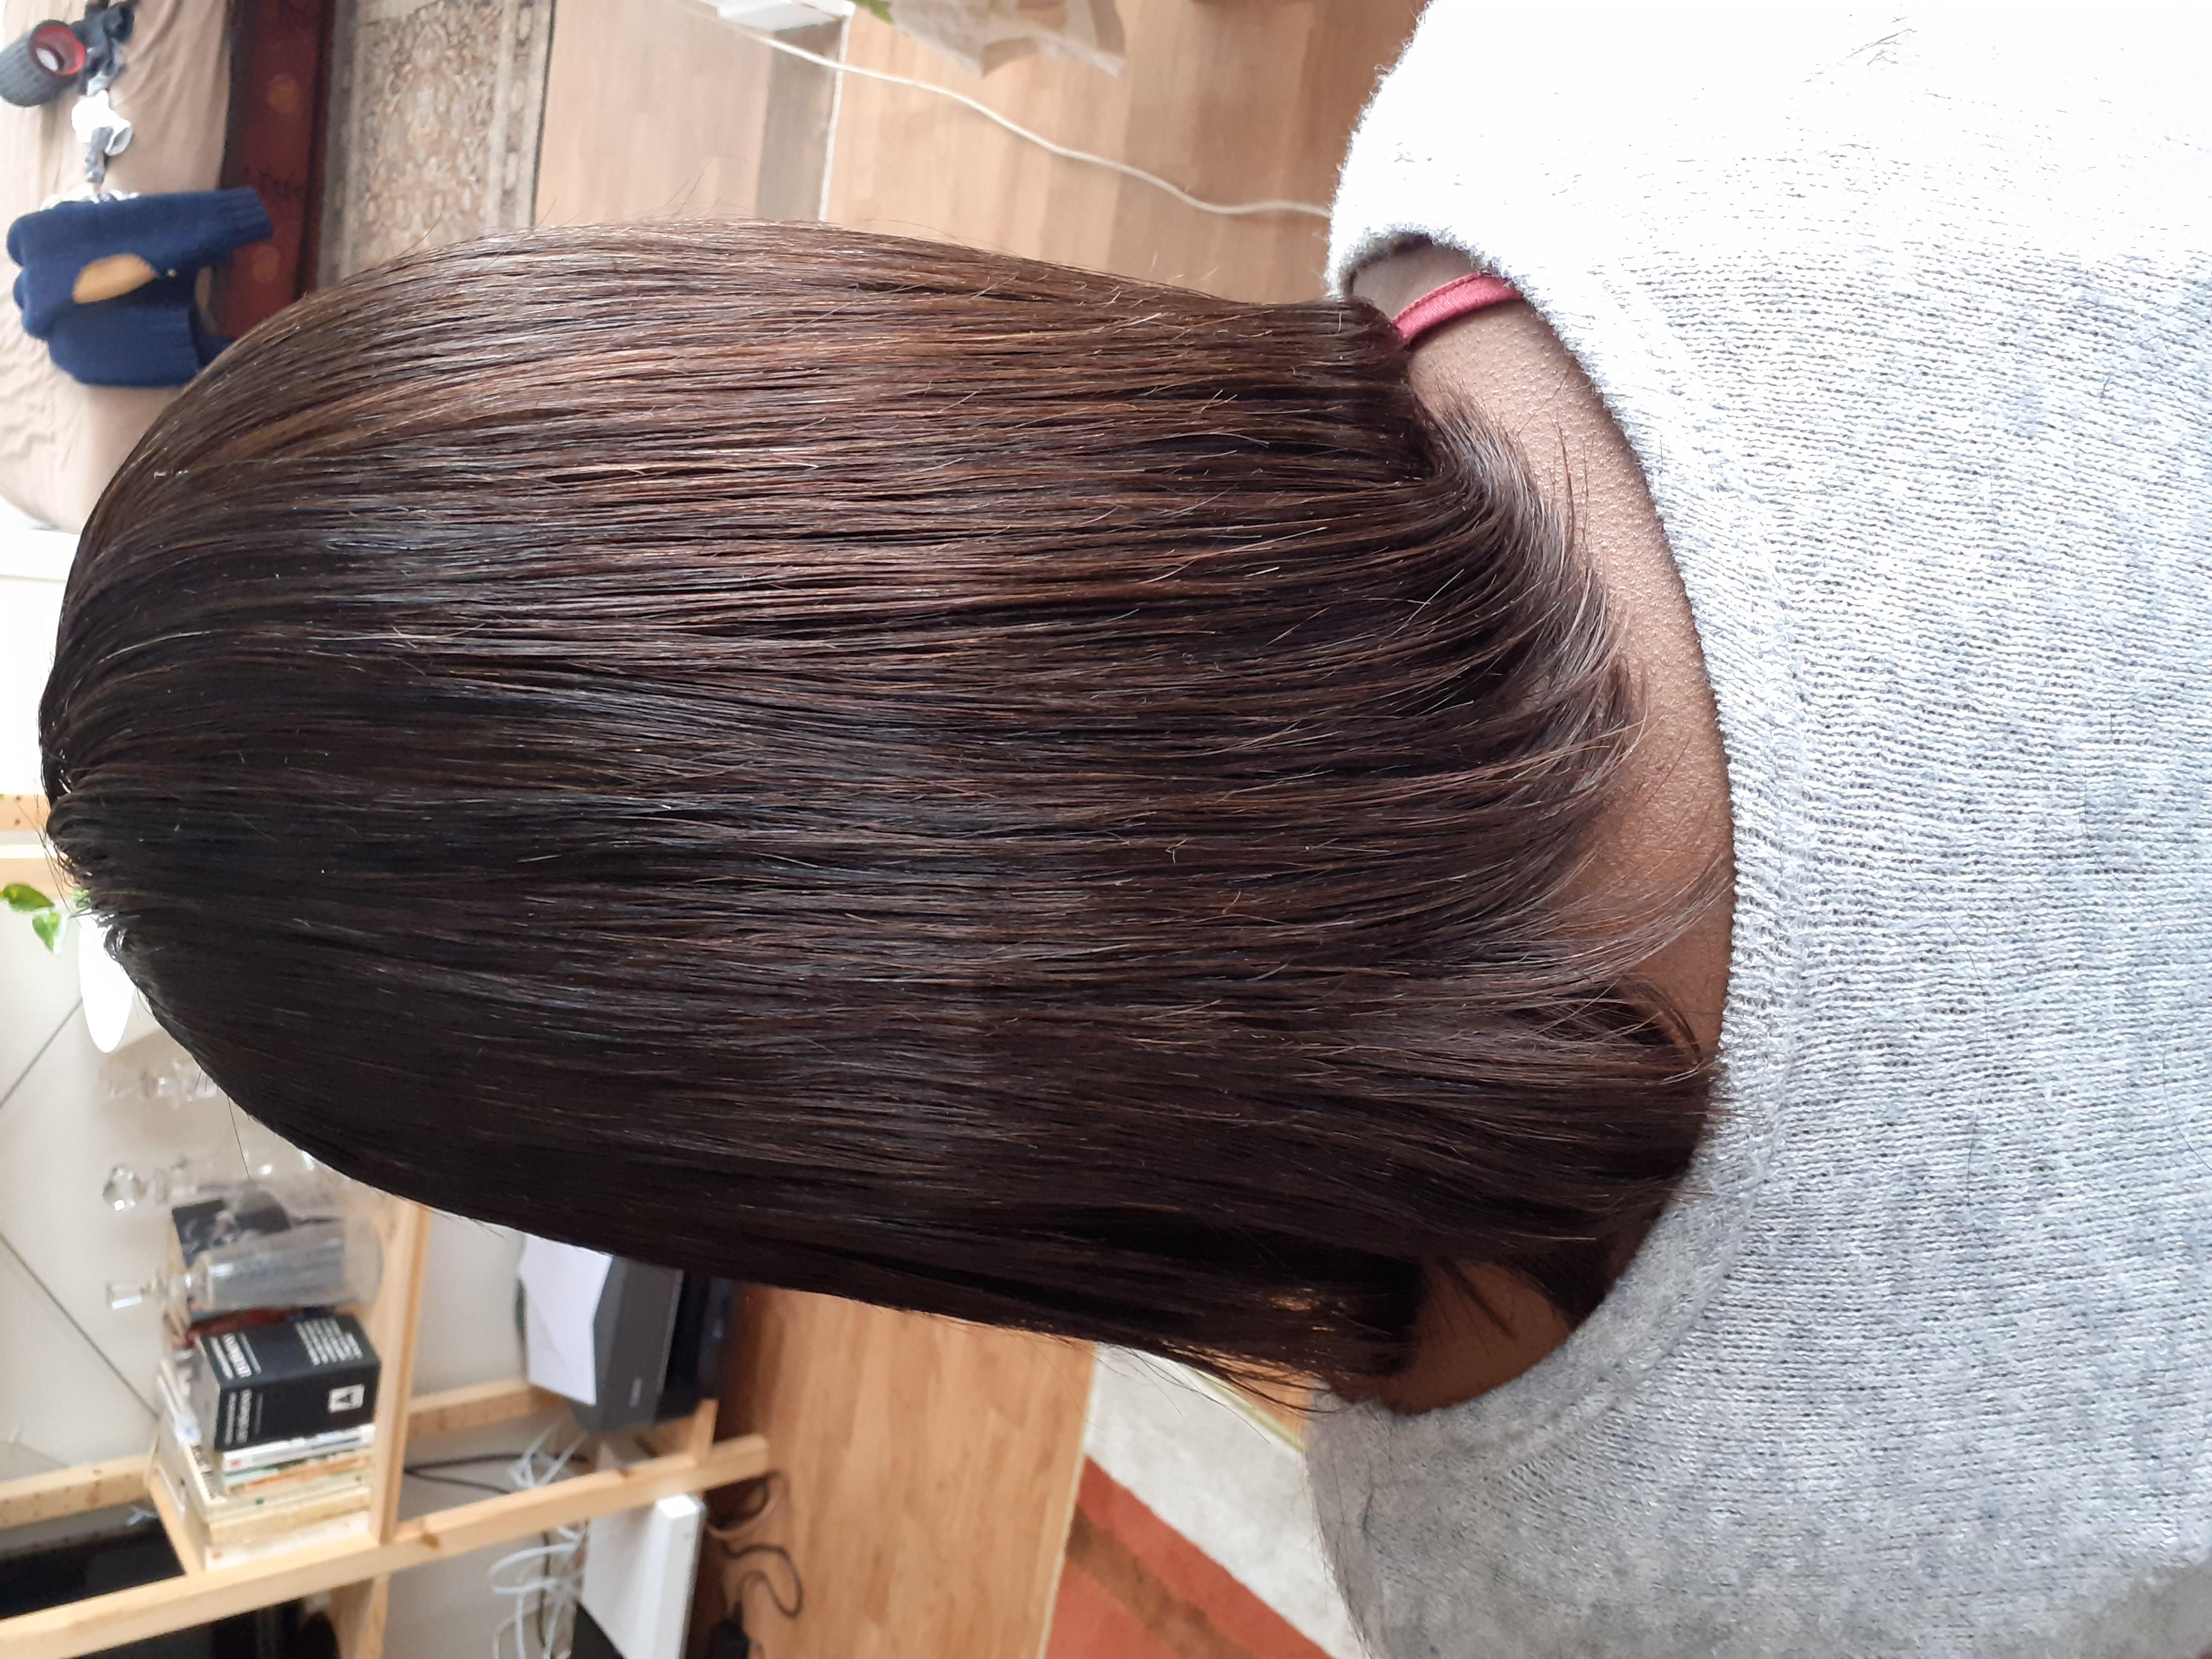 salon de coiffure afro tresse tresses box braids crochet braids vanilles tissages paris 75 77 78 91 92 93 94 95 YZJSBCPW